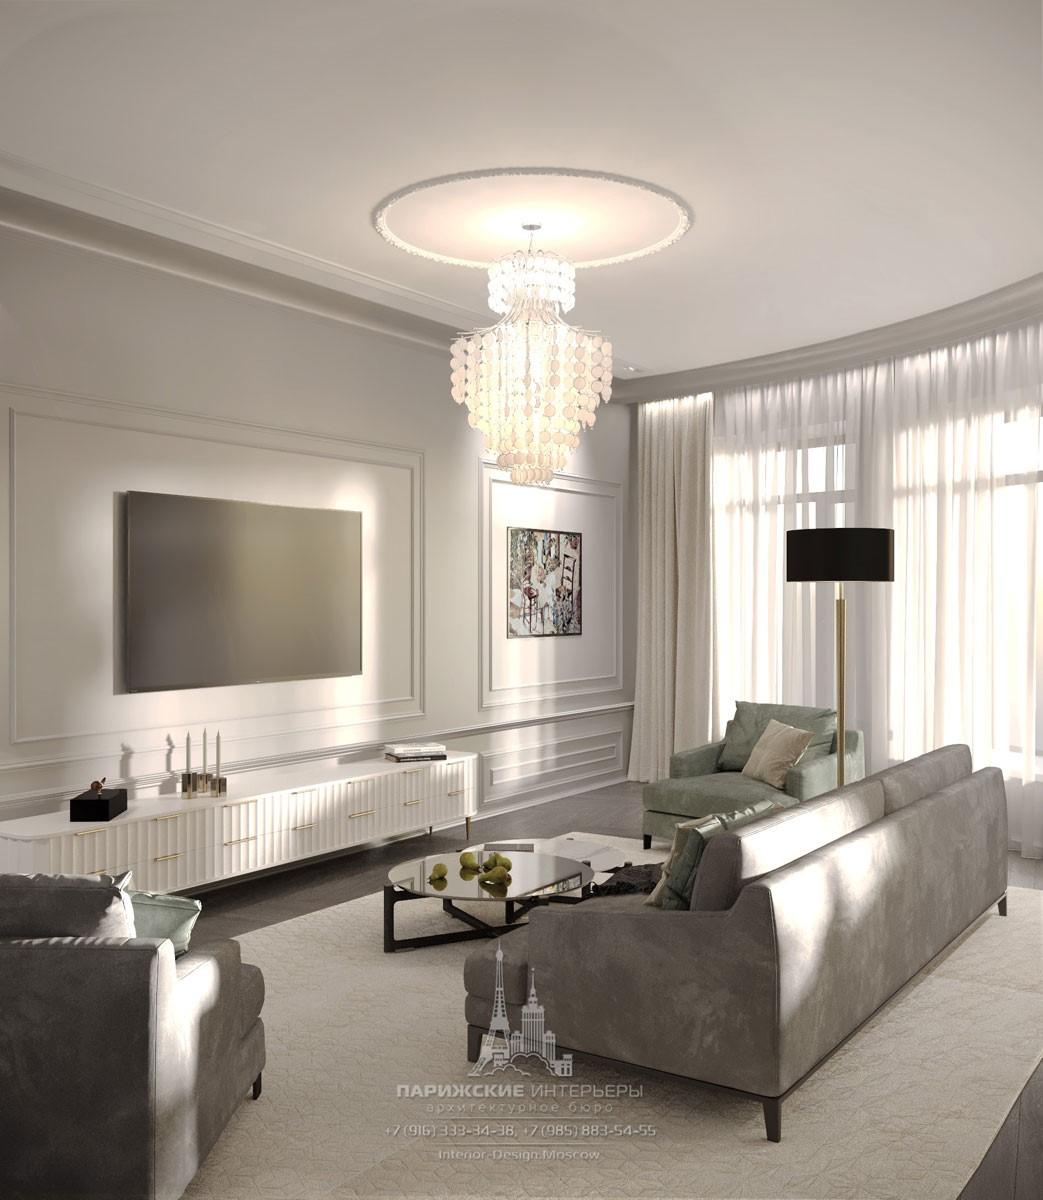 Современная гостиная в серых тонах